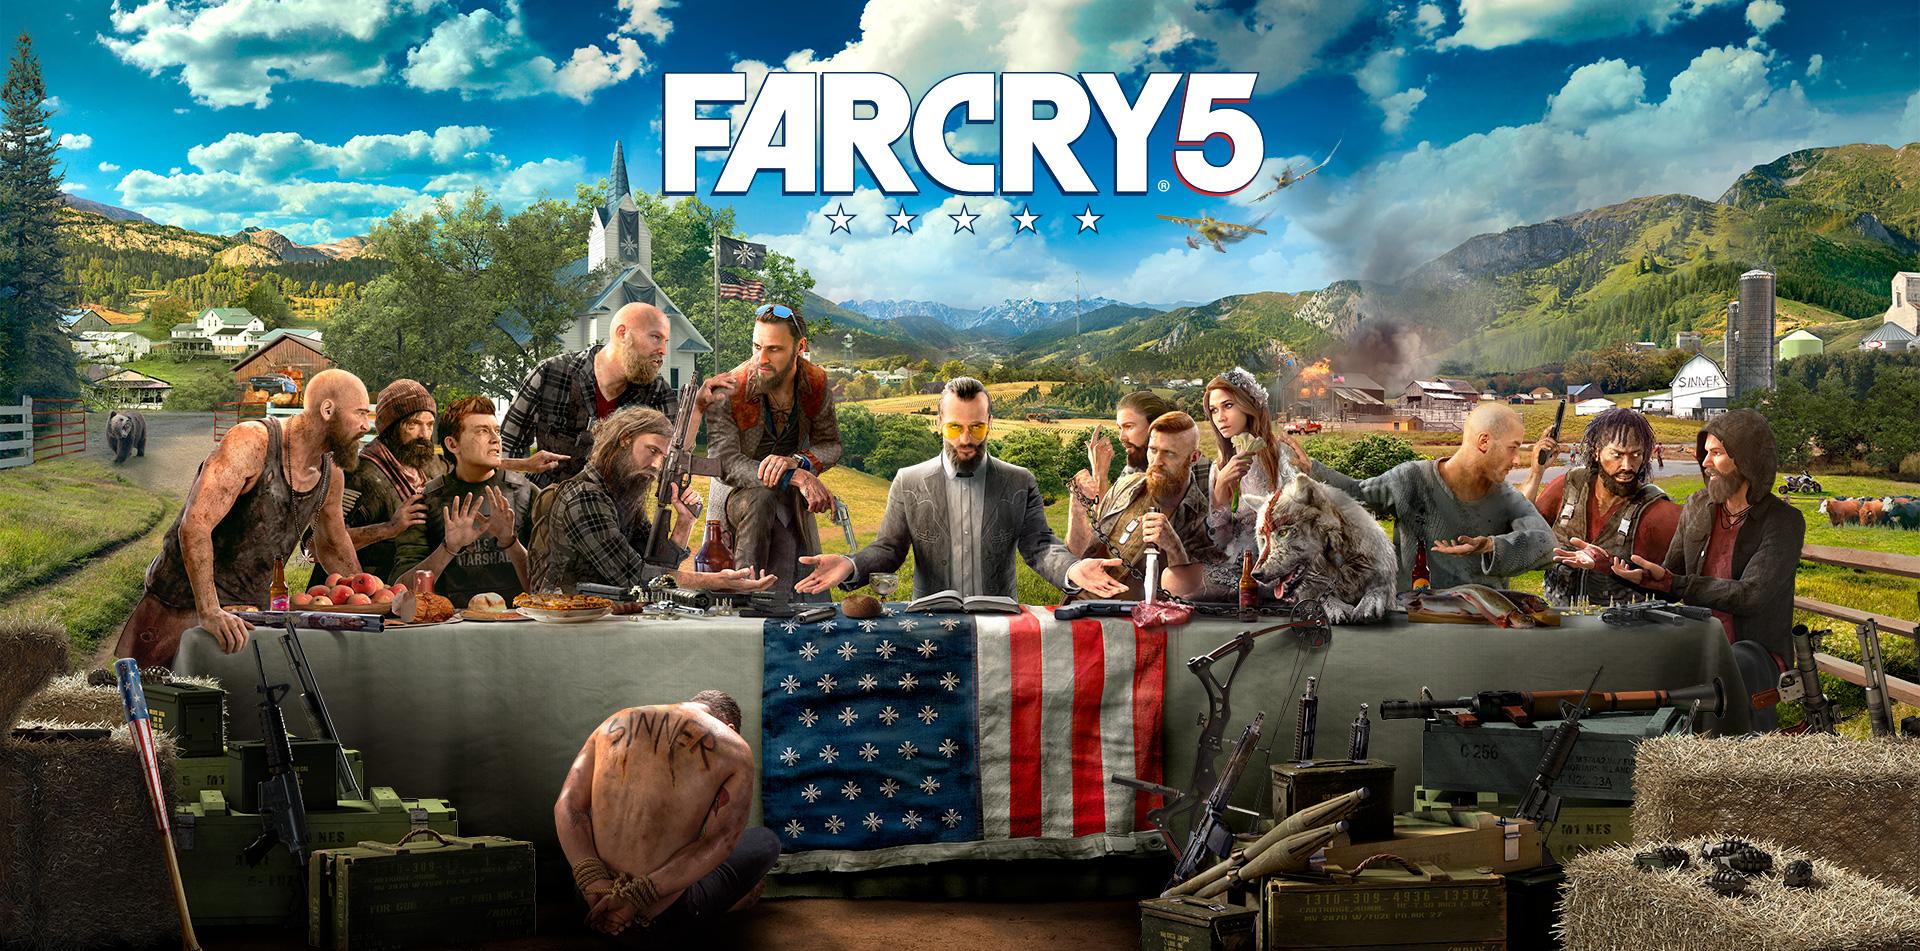 Warum Far Cry 5 eine Enttäuschung wird